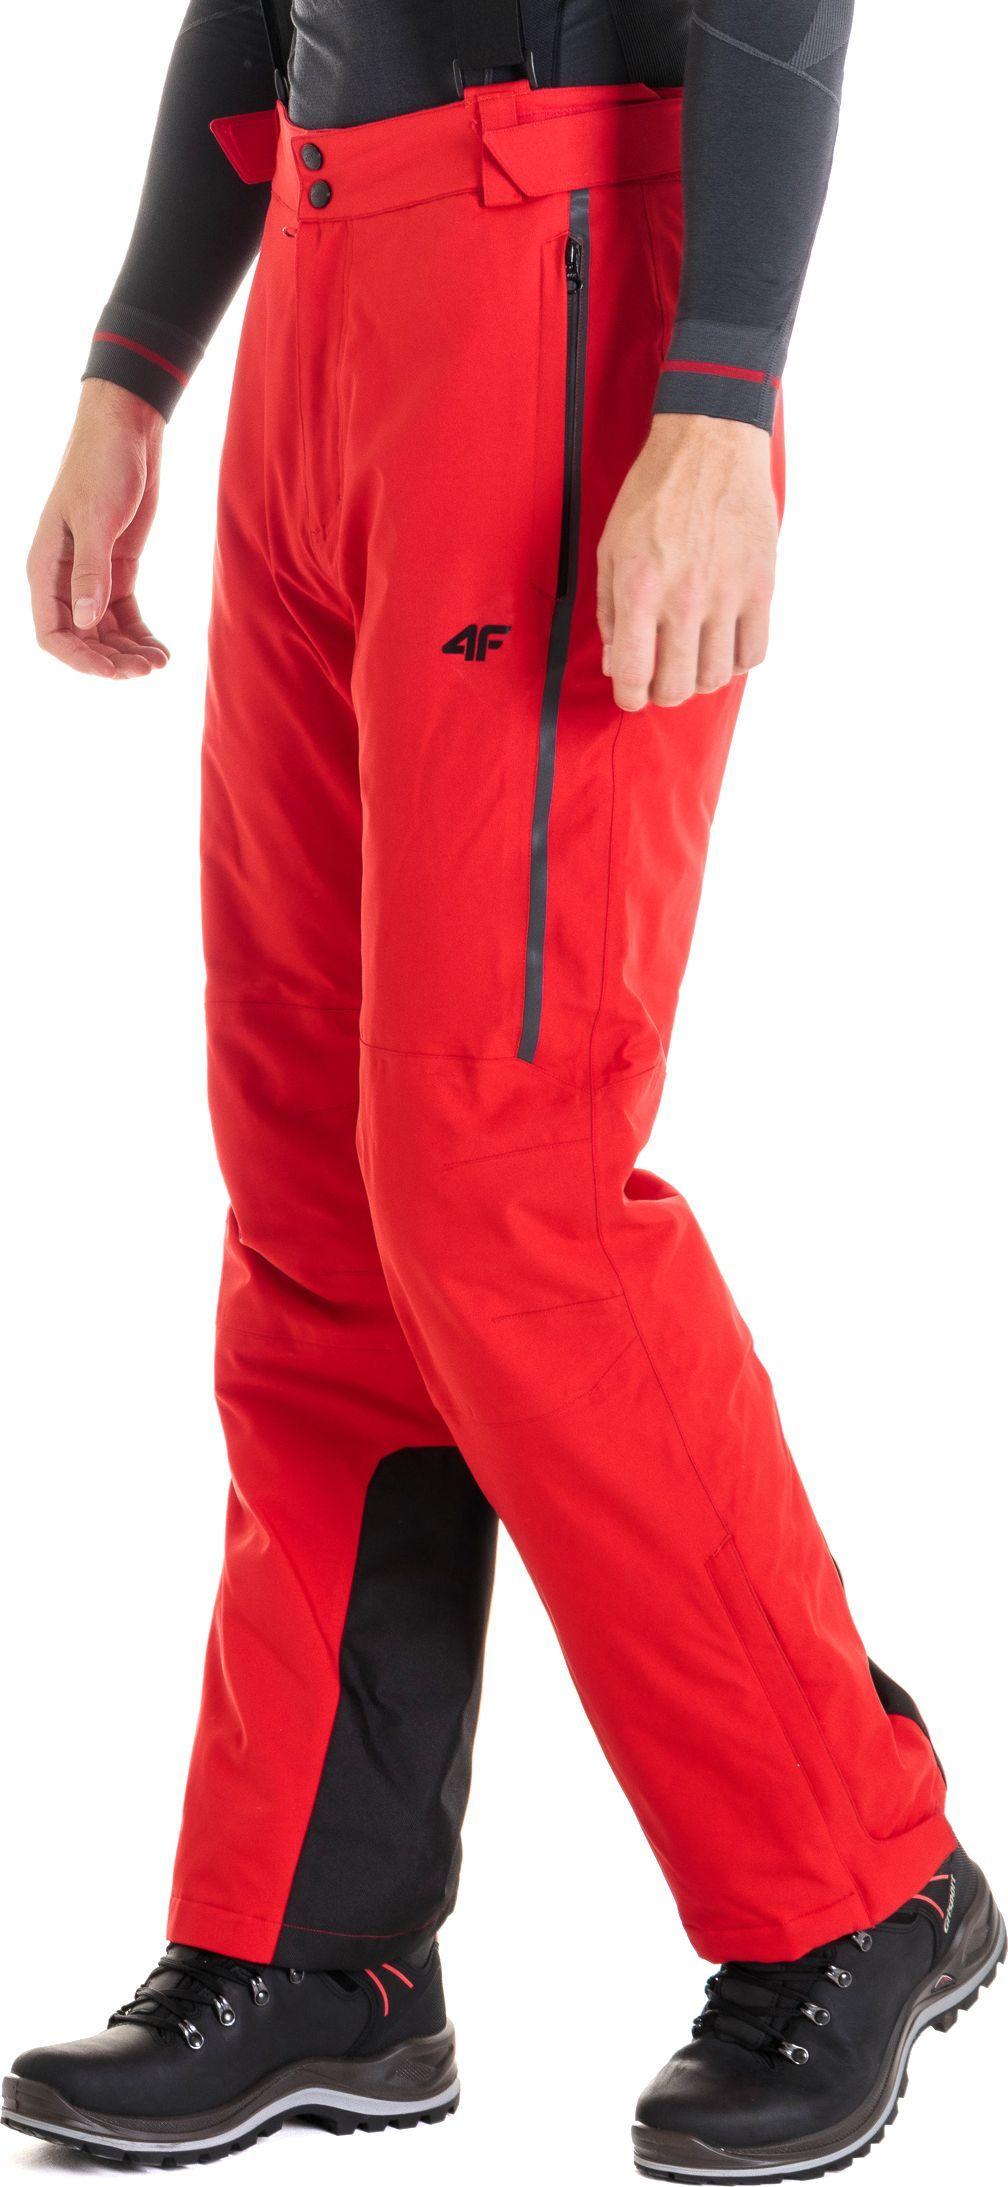 4f Spodnie narciarskie męskie czerwone r. M (H4Z18 SPMN004) ID produktu: 4598549